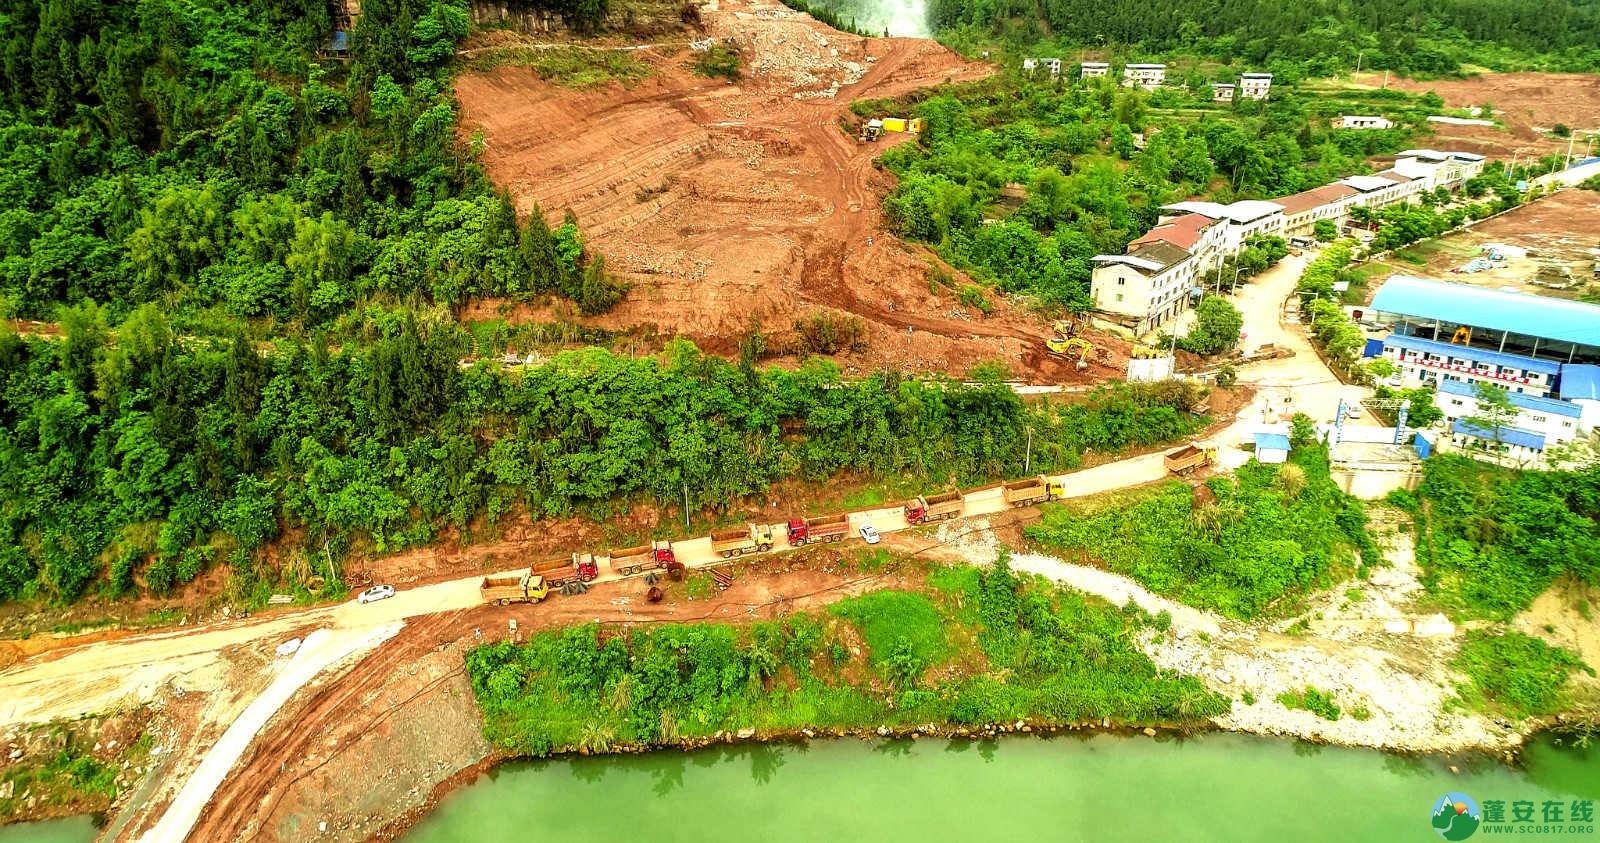 蓬安嘉陵江一桥修建进(2019年5月11日) - 第8张  | 蓬安在线